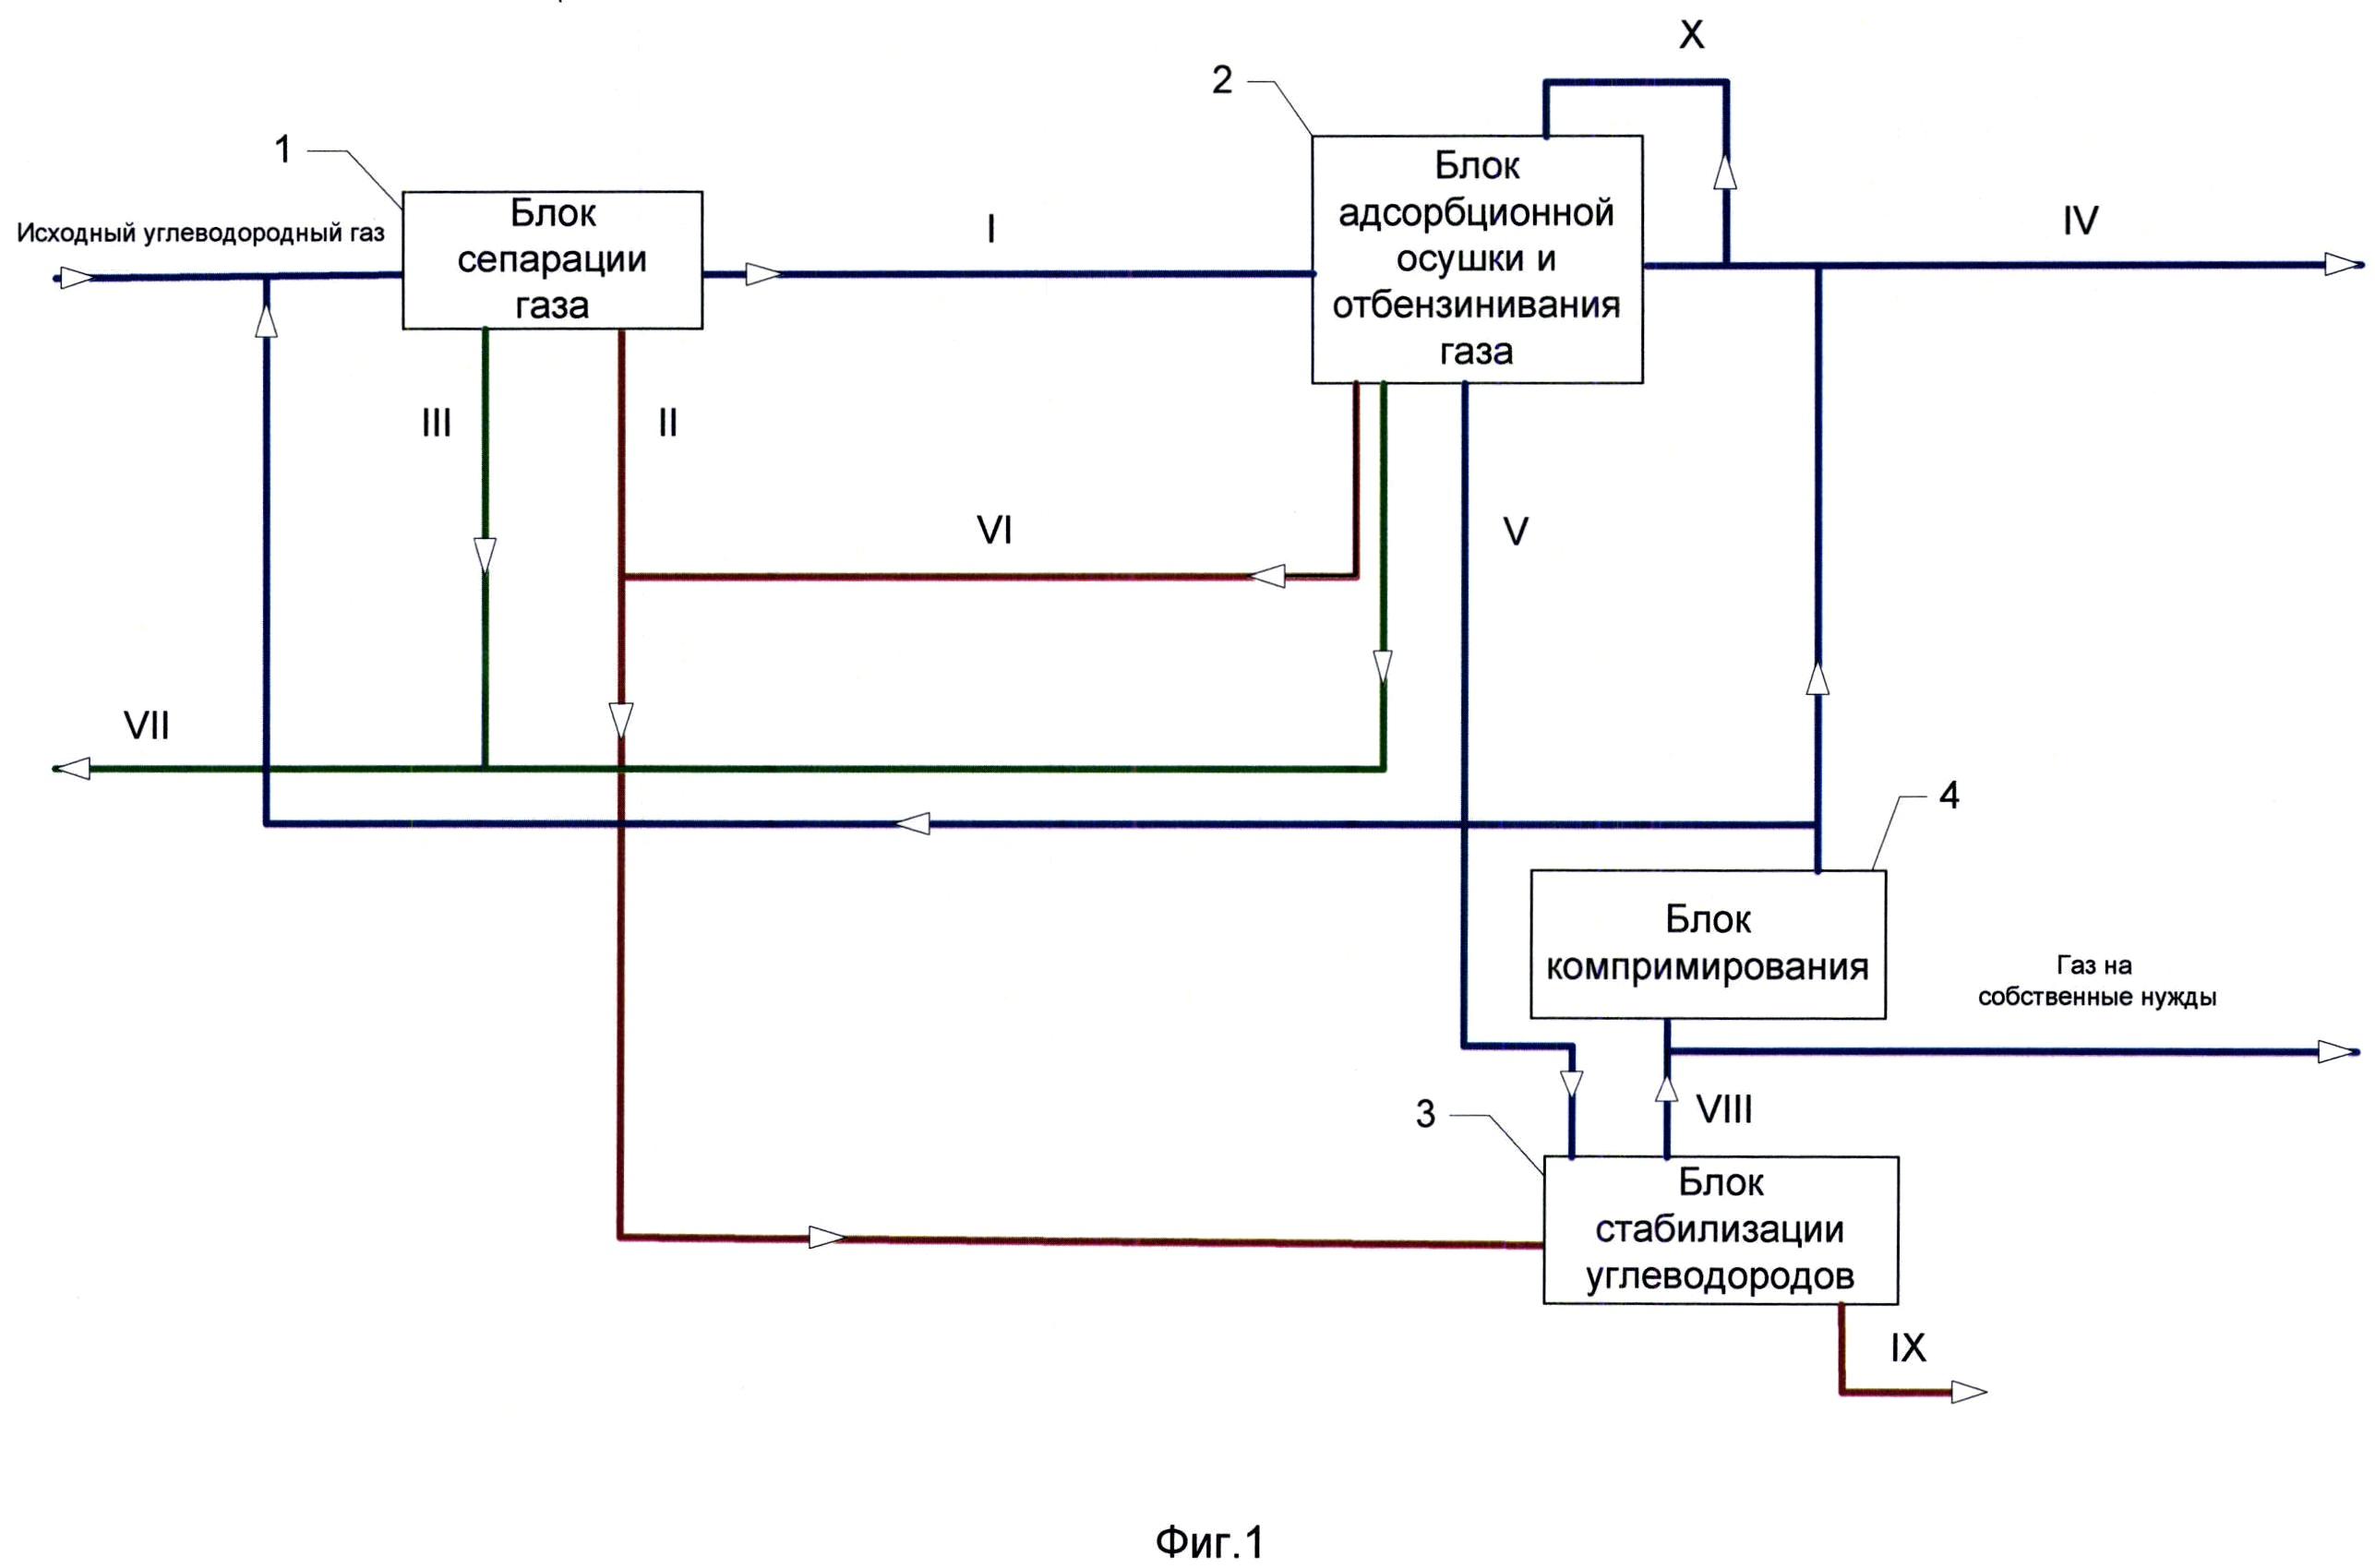 Способ подготовки углеводородного газа и установка для его осуществления